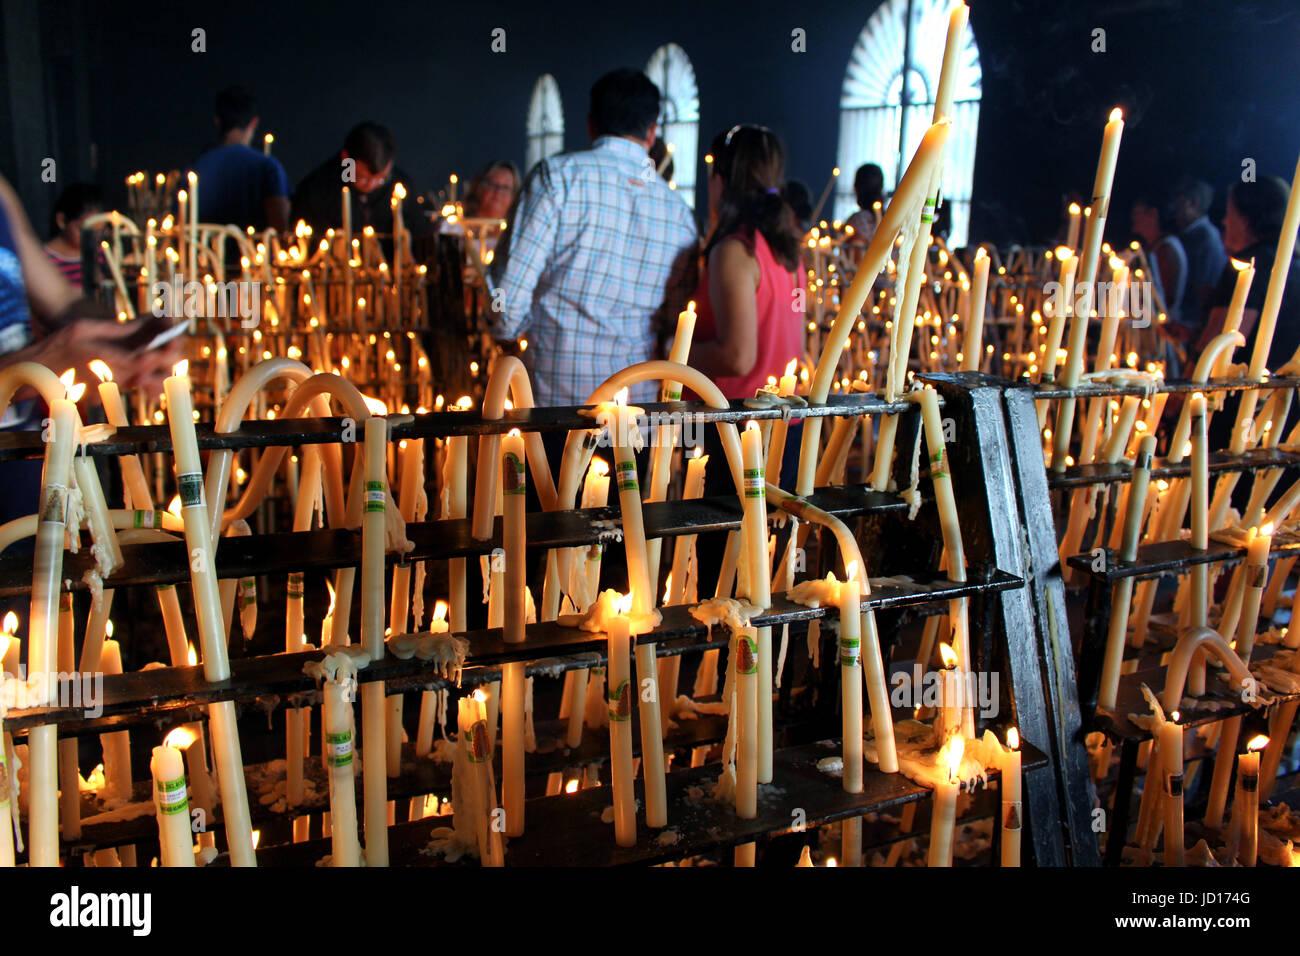 HUELVA/ESPAGNE - 9 octobre 2016: personnes allumant des bougies en signe de dévotion à la Vierge Photo Stock